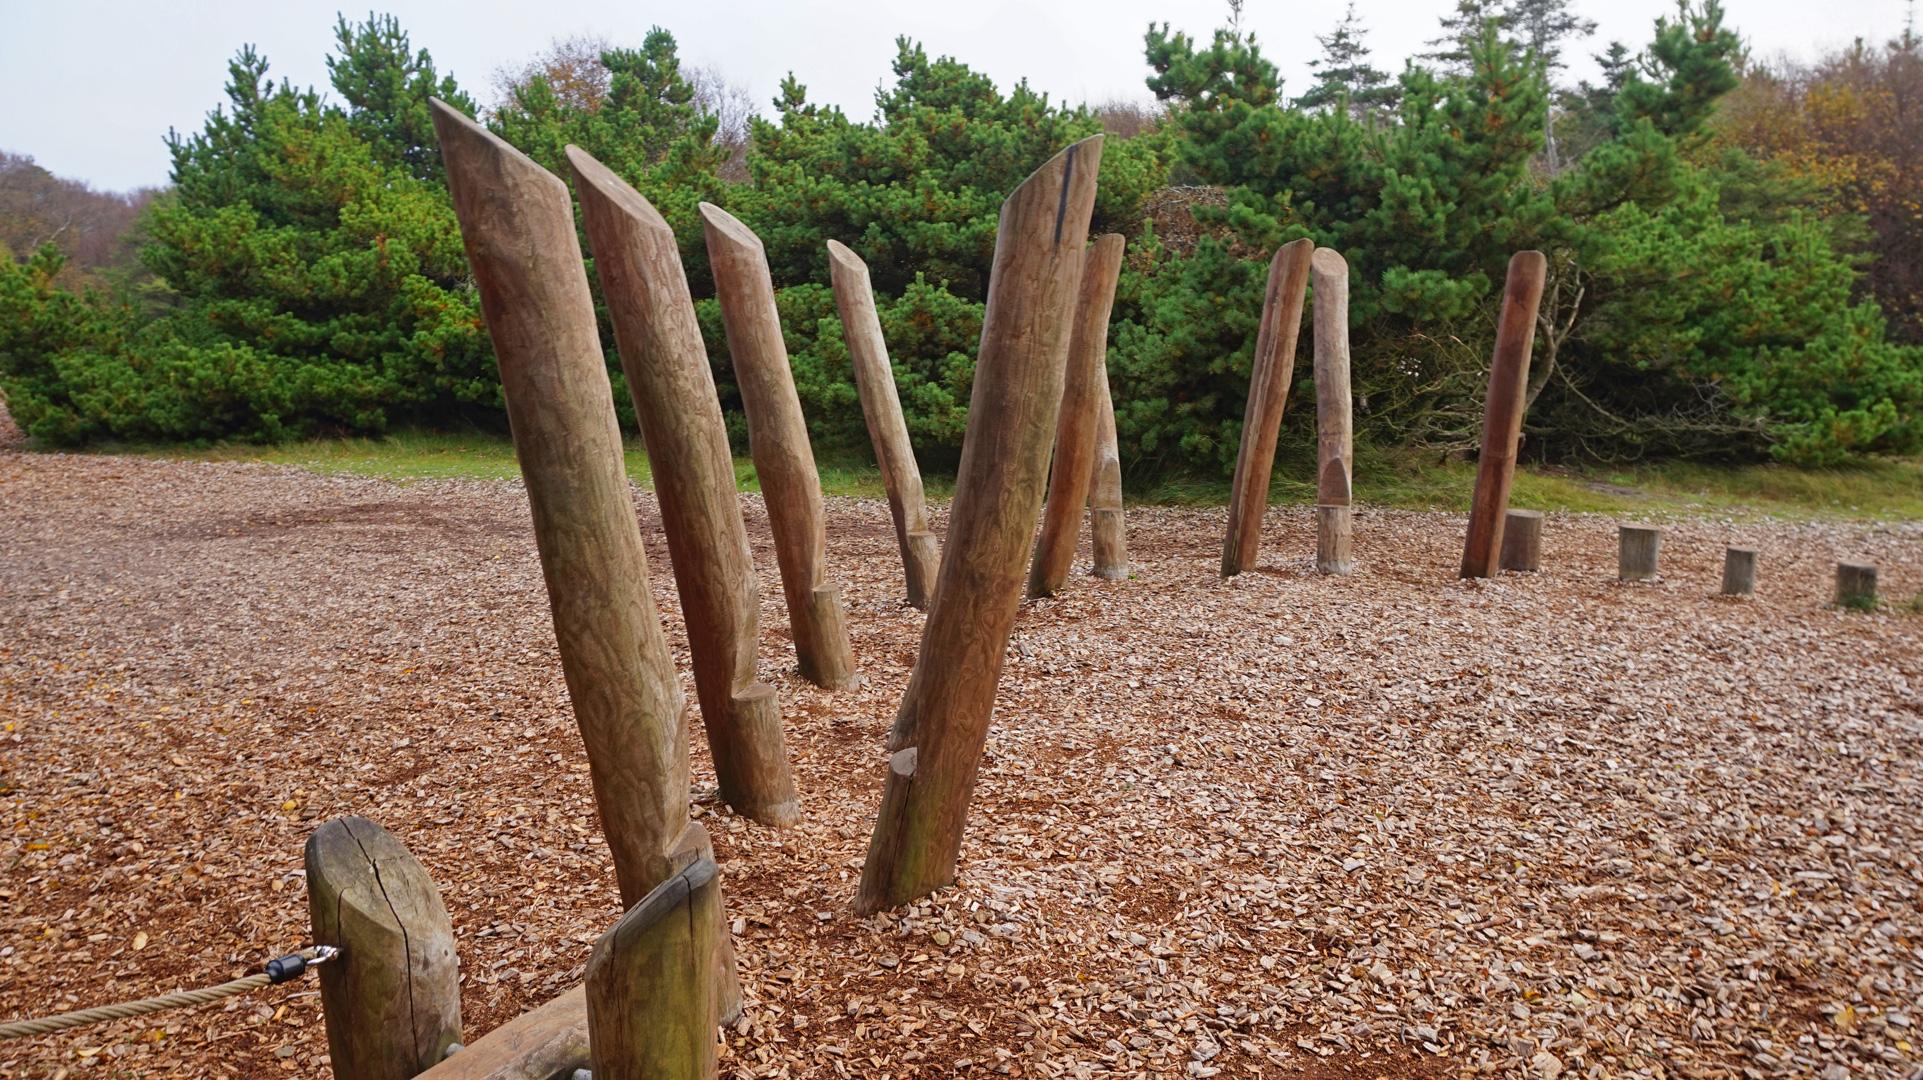 Der Waldspielplatz hält liebevoll gefertigte Spielgeräte aus Holz bereit.